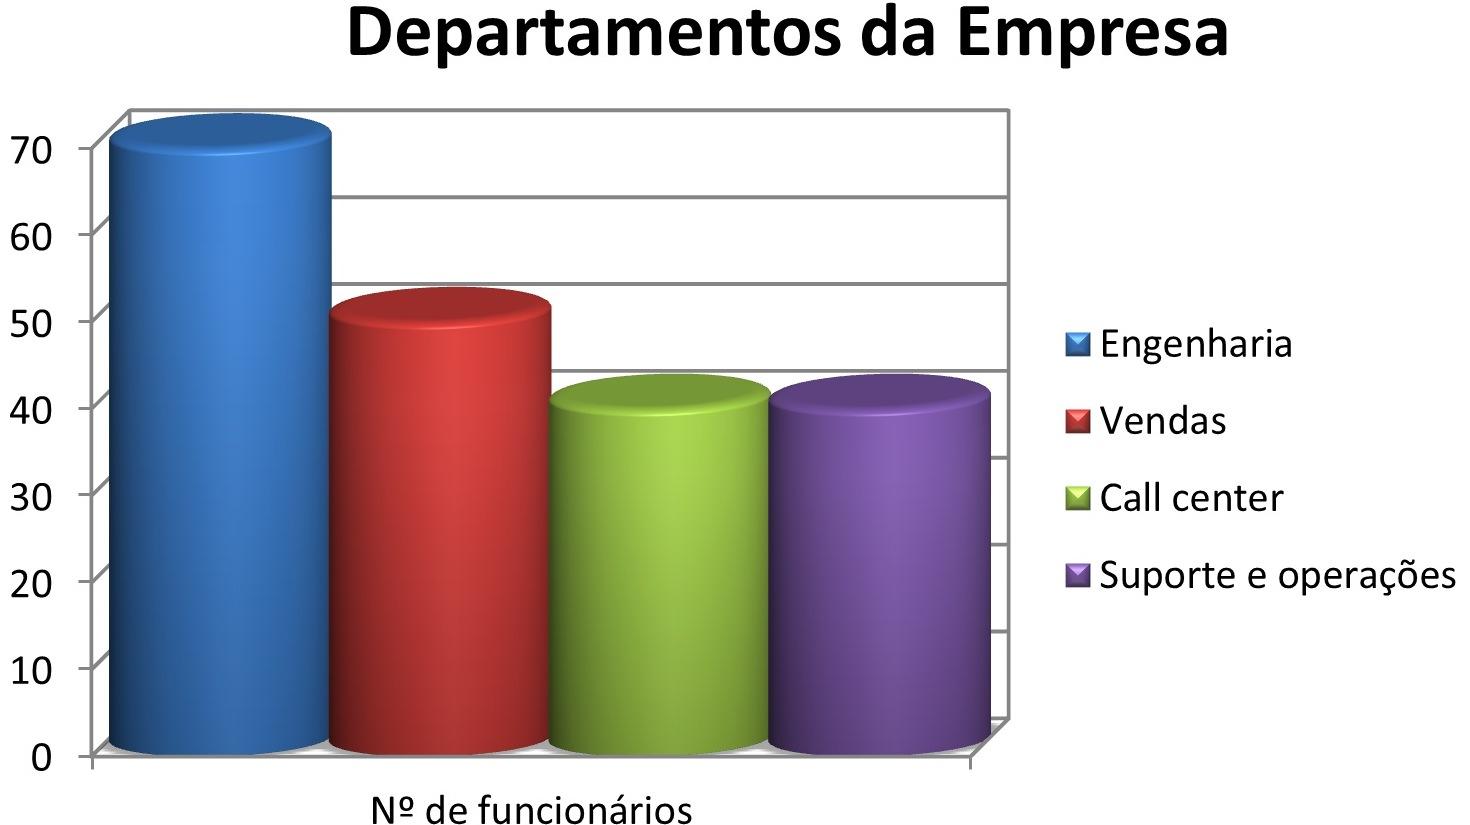 Número de funcionários da empresa